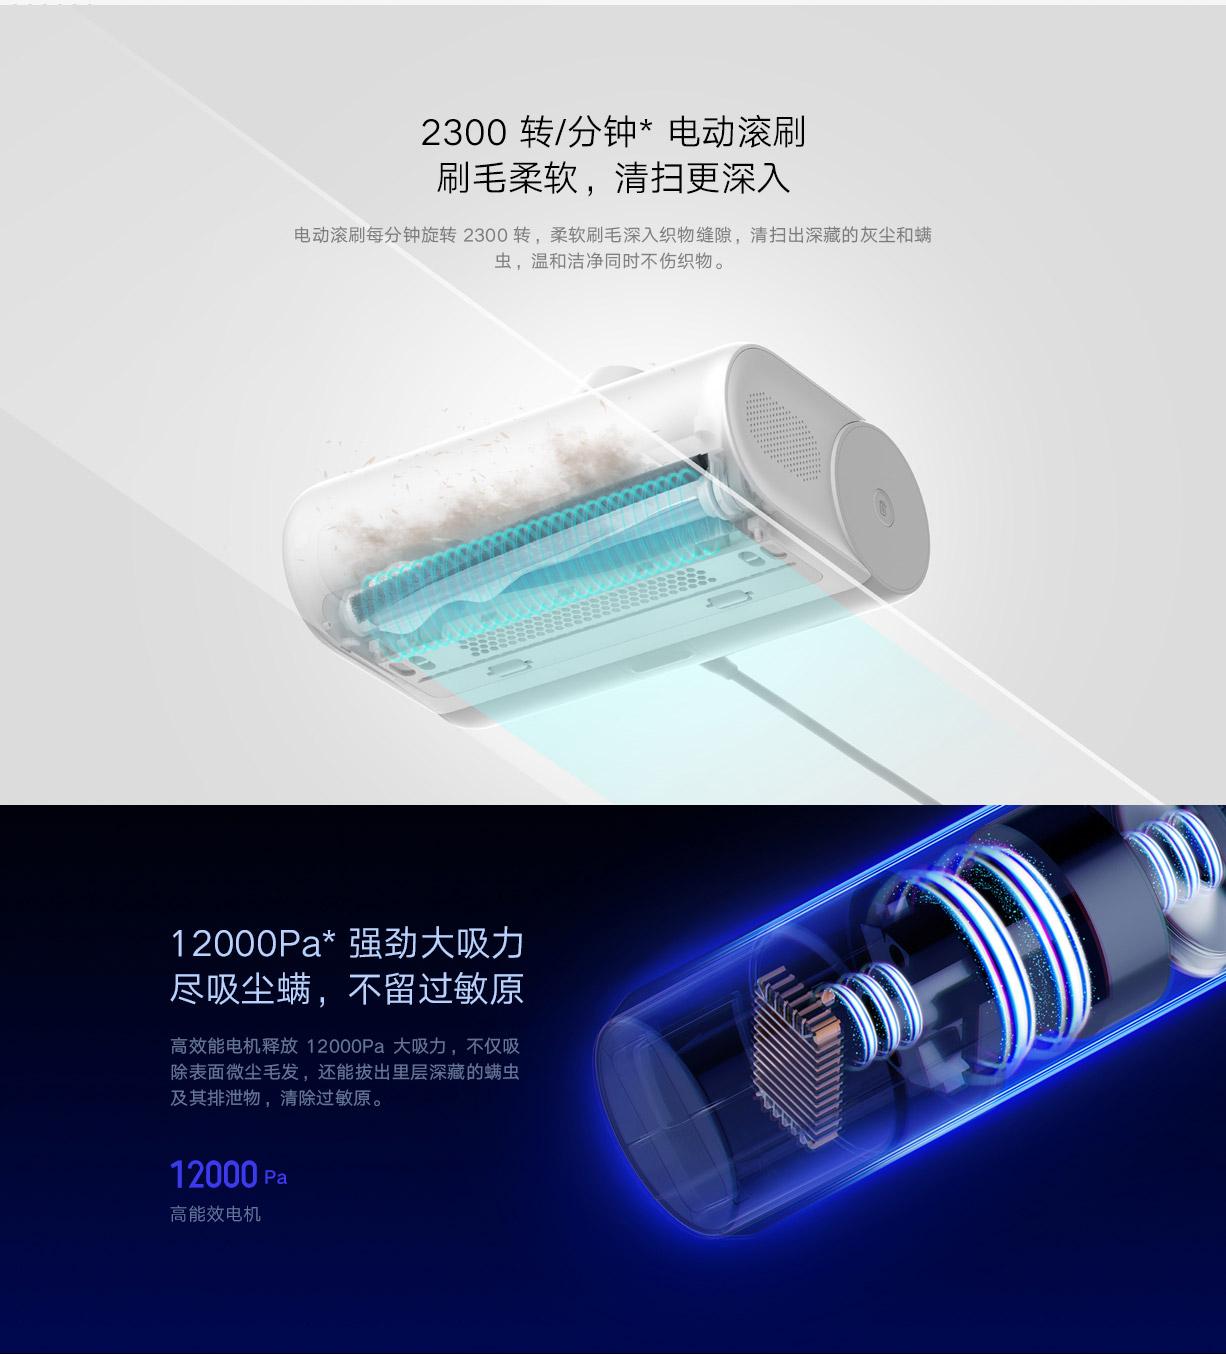 Xiaomi lanza un nuevo eliminador de ácaros que sorprende por su potencia y precio